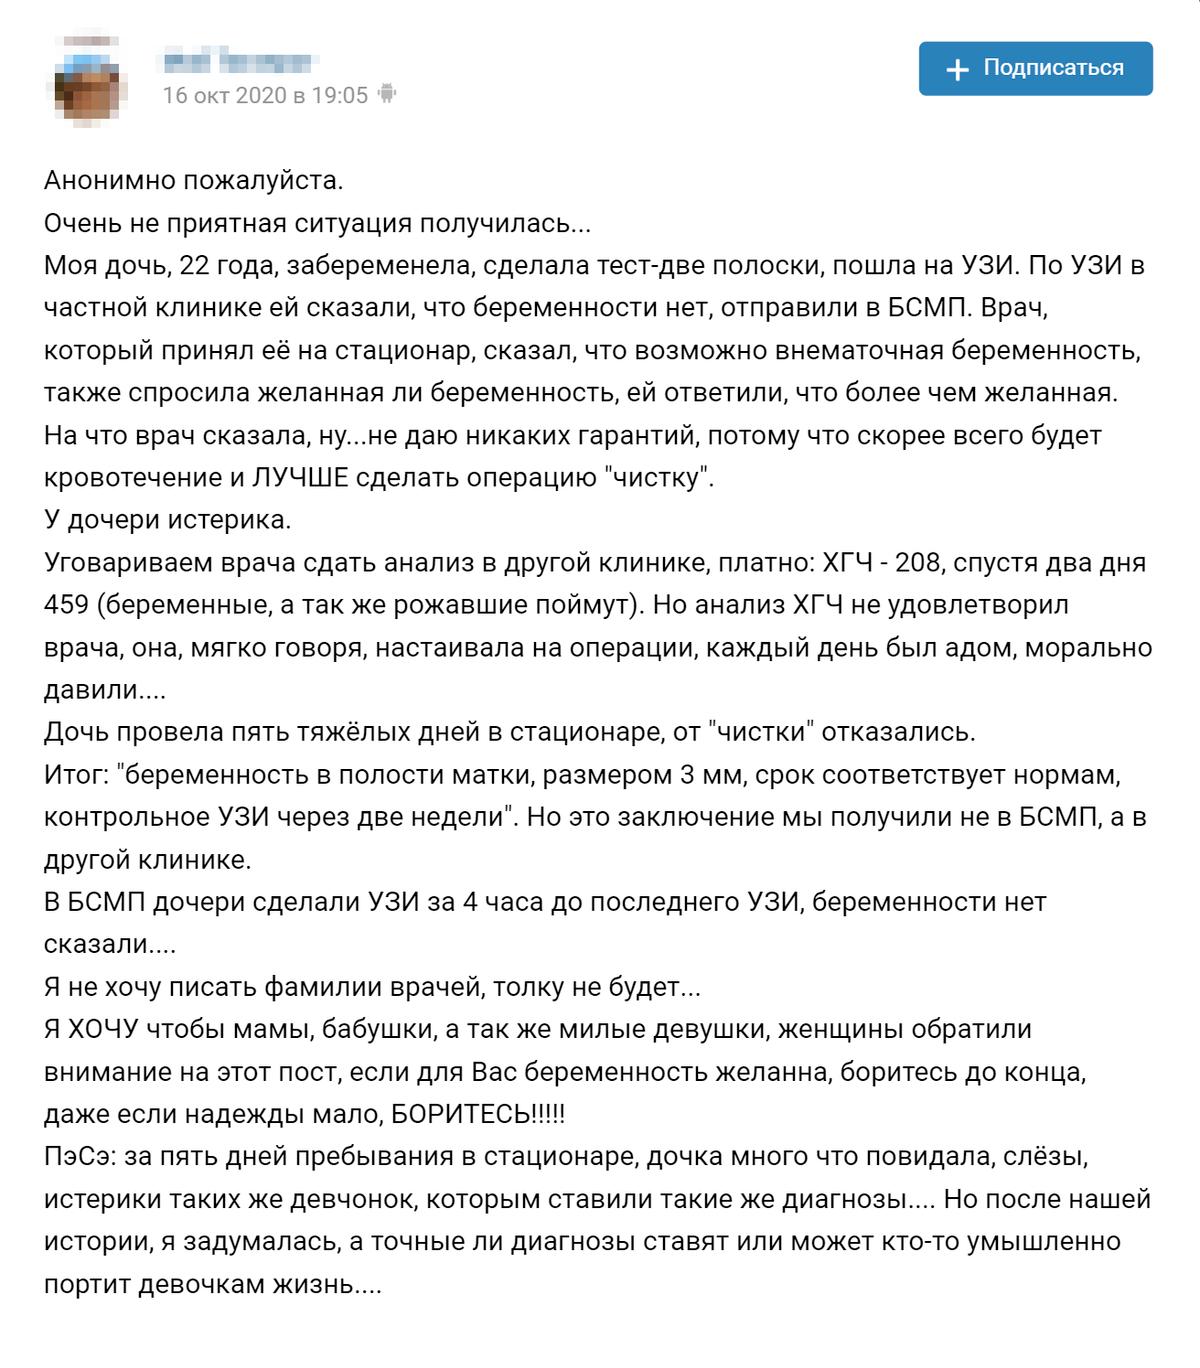 Эту страшную историю о таганрогских врачах опубликовала женщина, чья дочь чуть не потеряла ребенка по ошибке врачей. В 2012году я сталкивался с работой докторов в городской больнице и верю этому рассказу